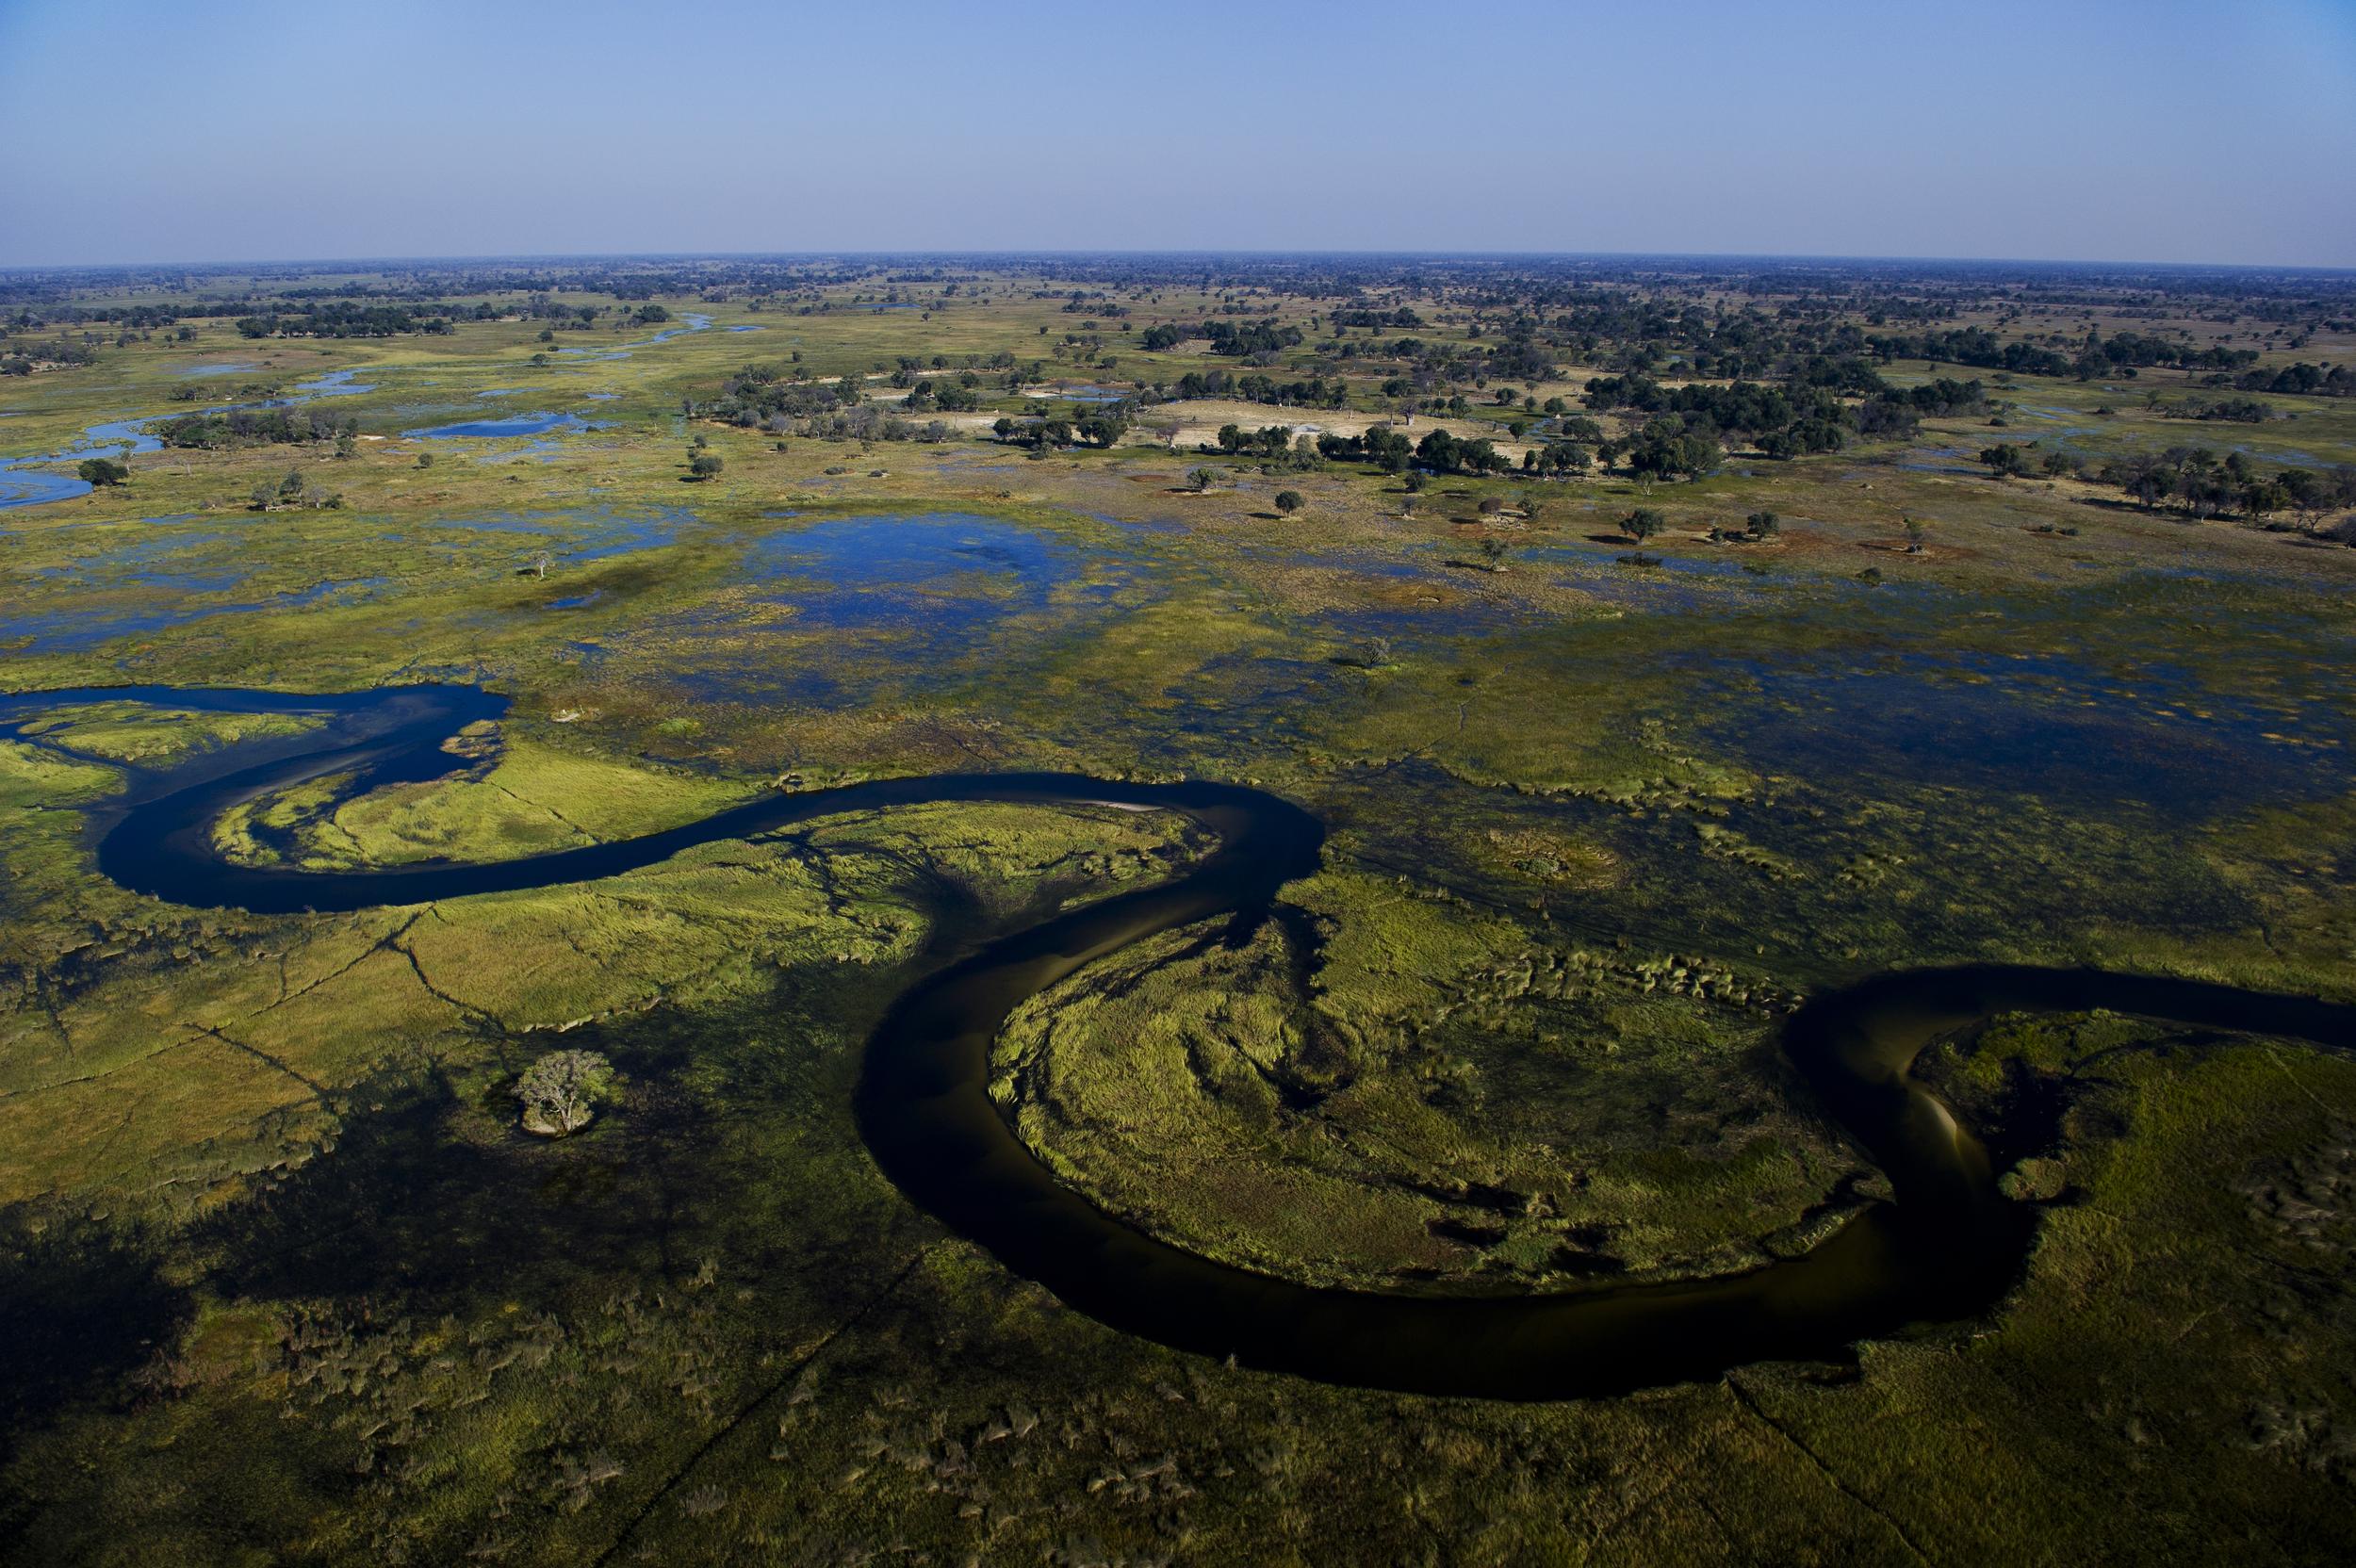 Botswana_02524.JPG